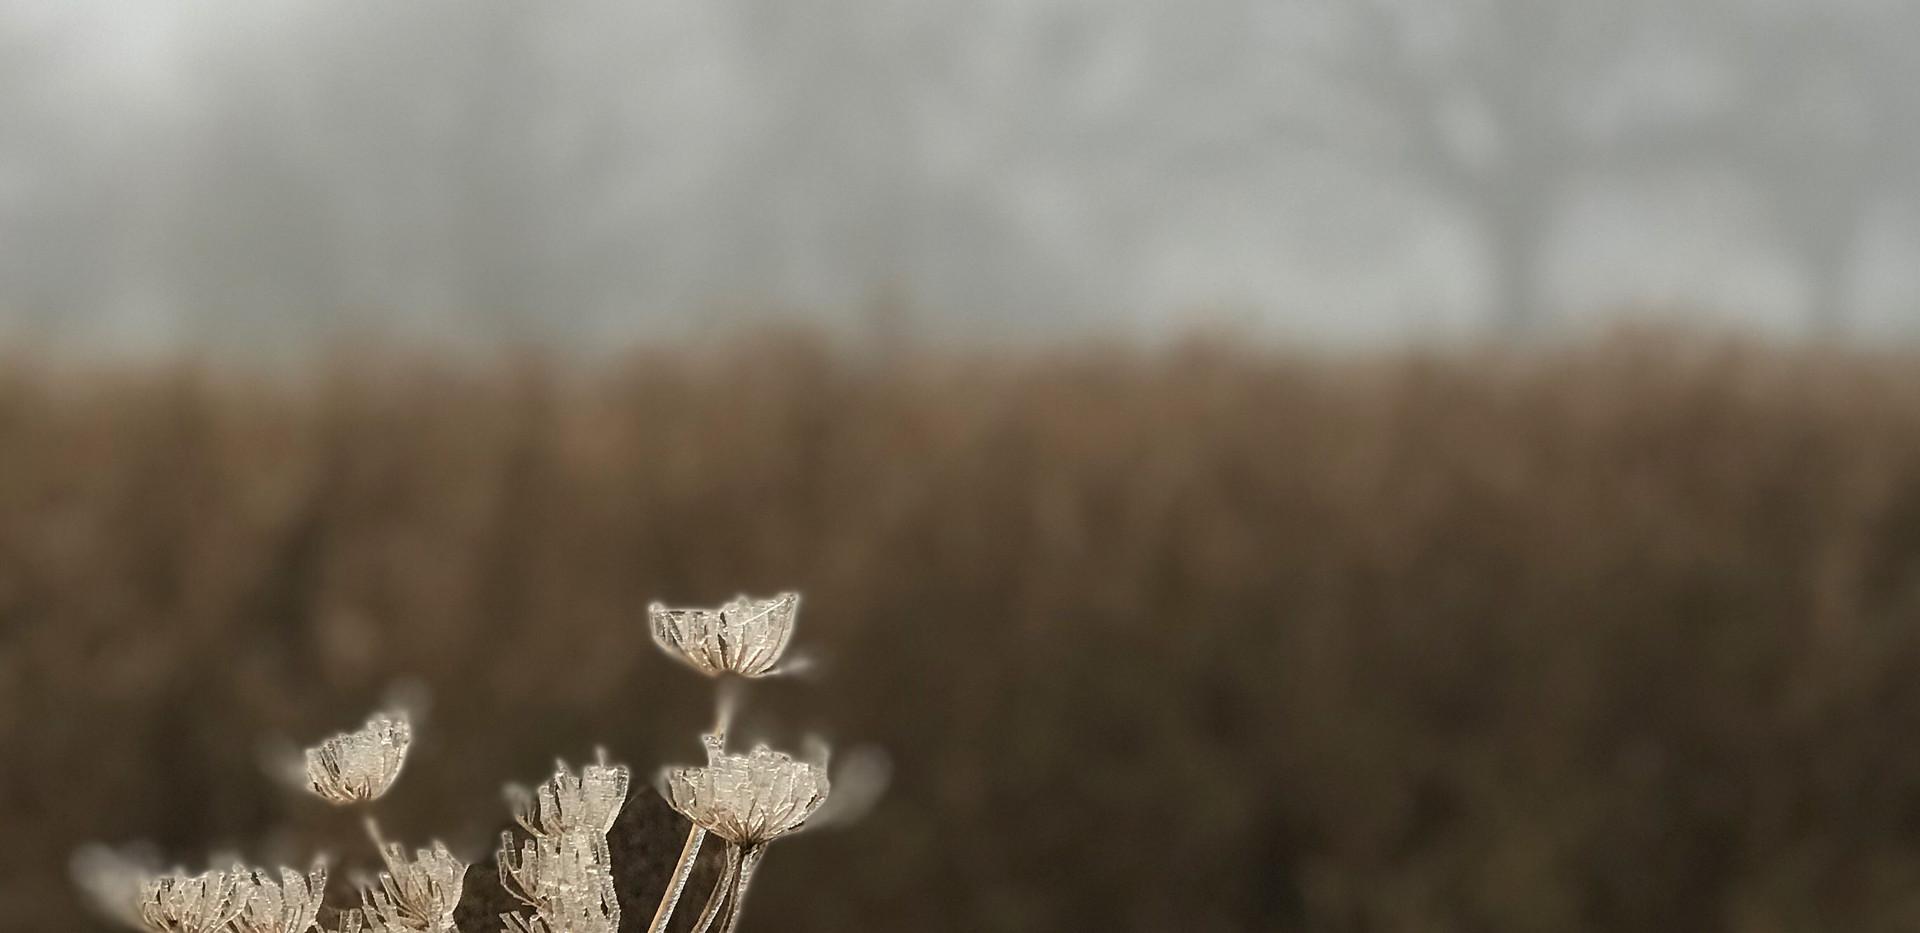 Winters Misty Beauty